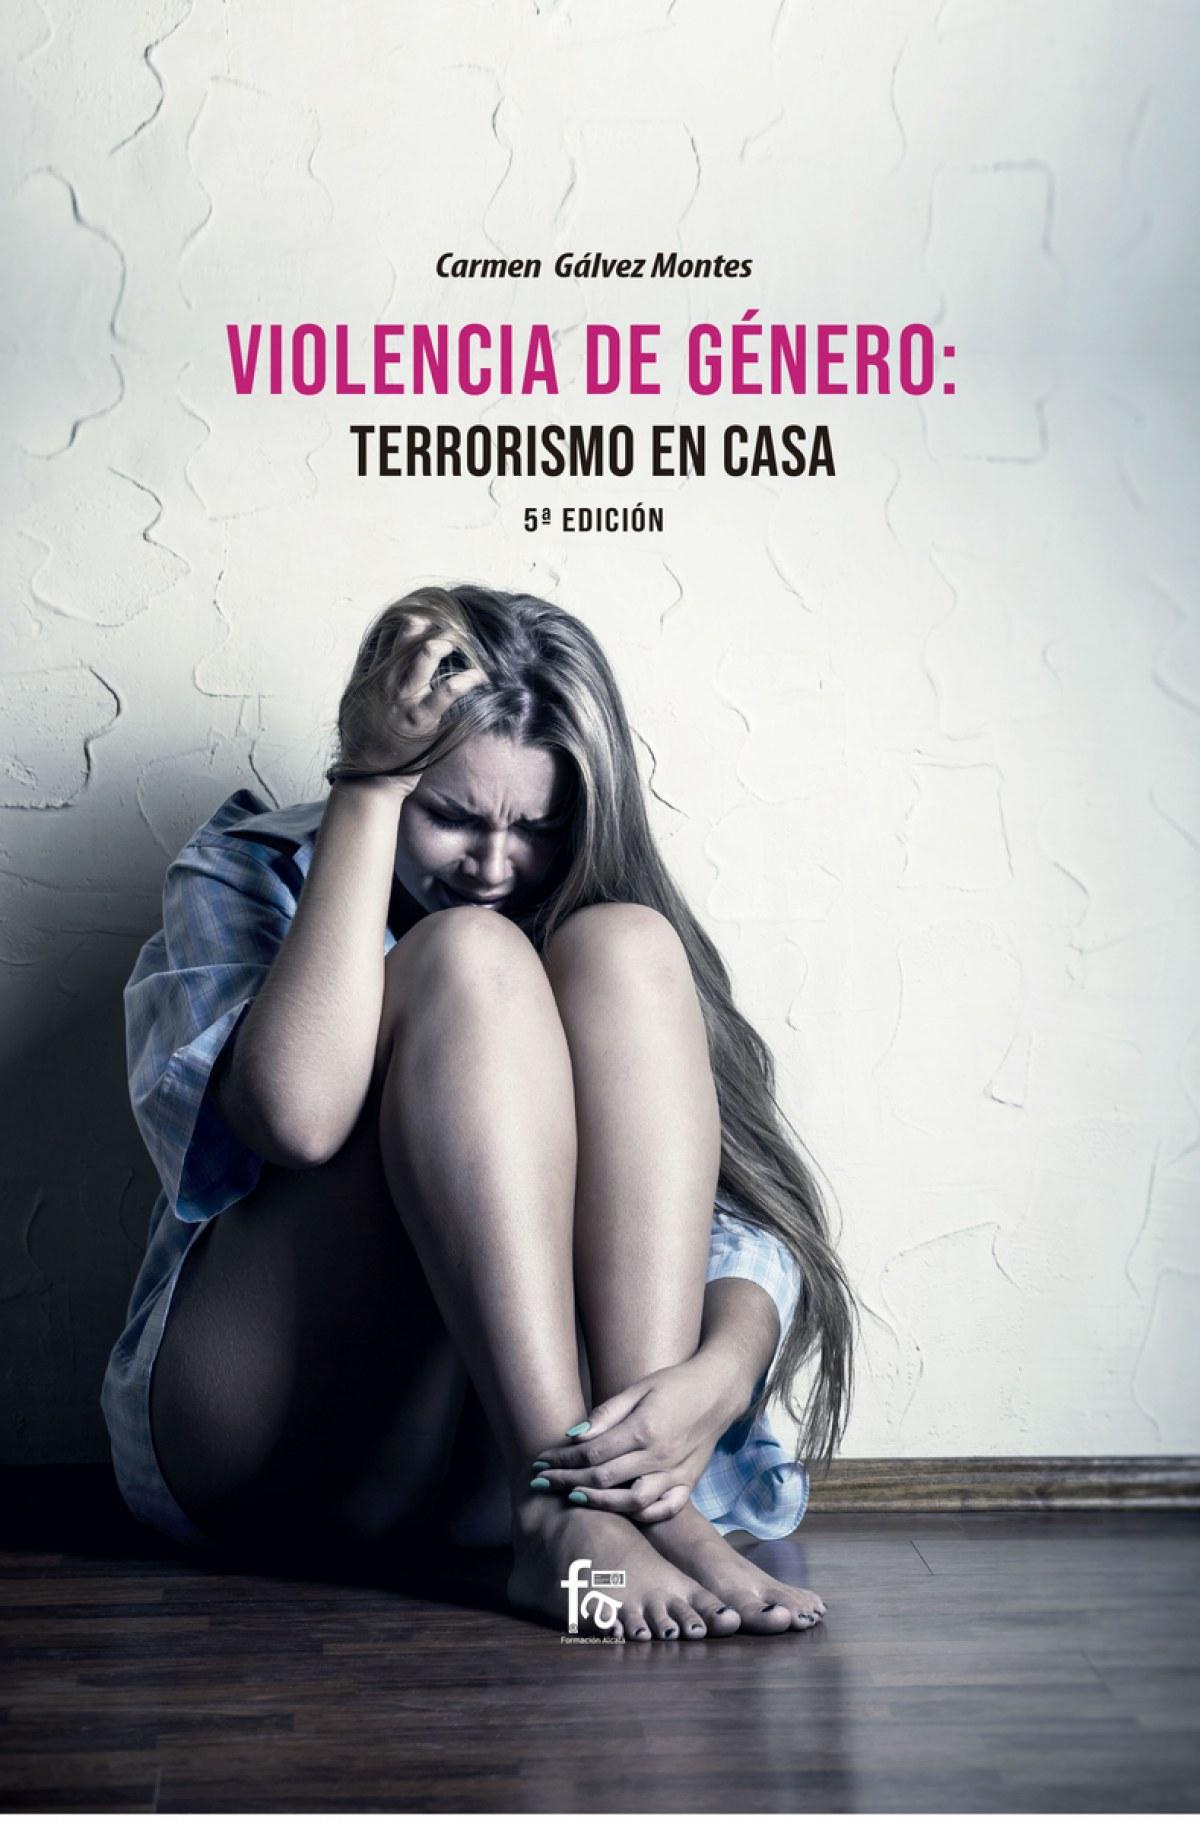 VIOLENCIA DE GÉNERO: TERRORISMO EN CASA 5º EDICIÓN